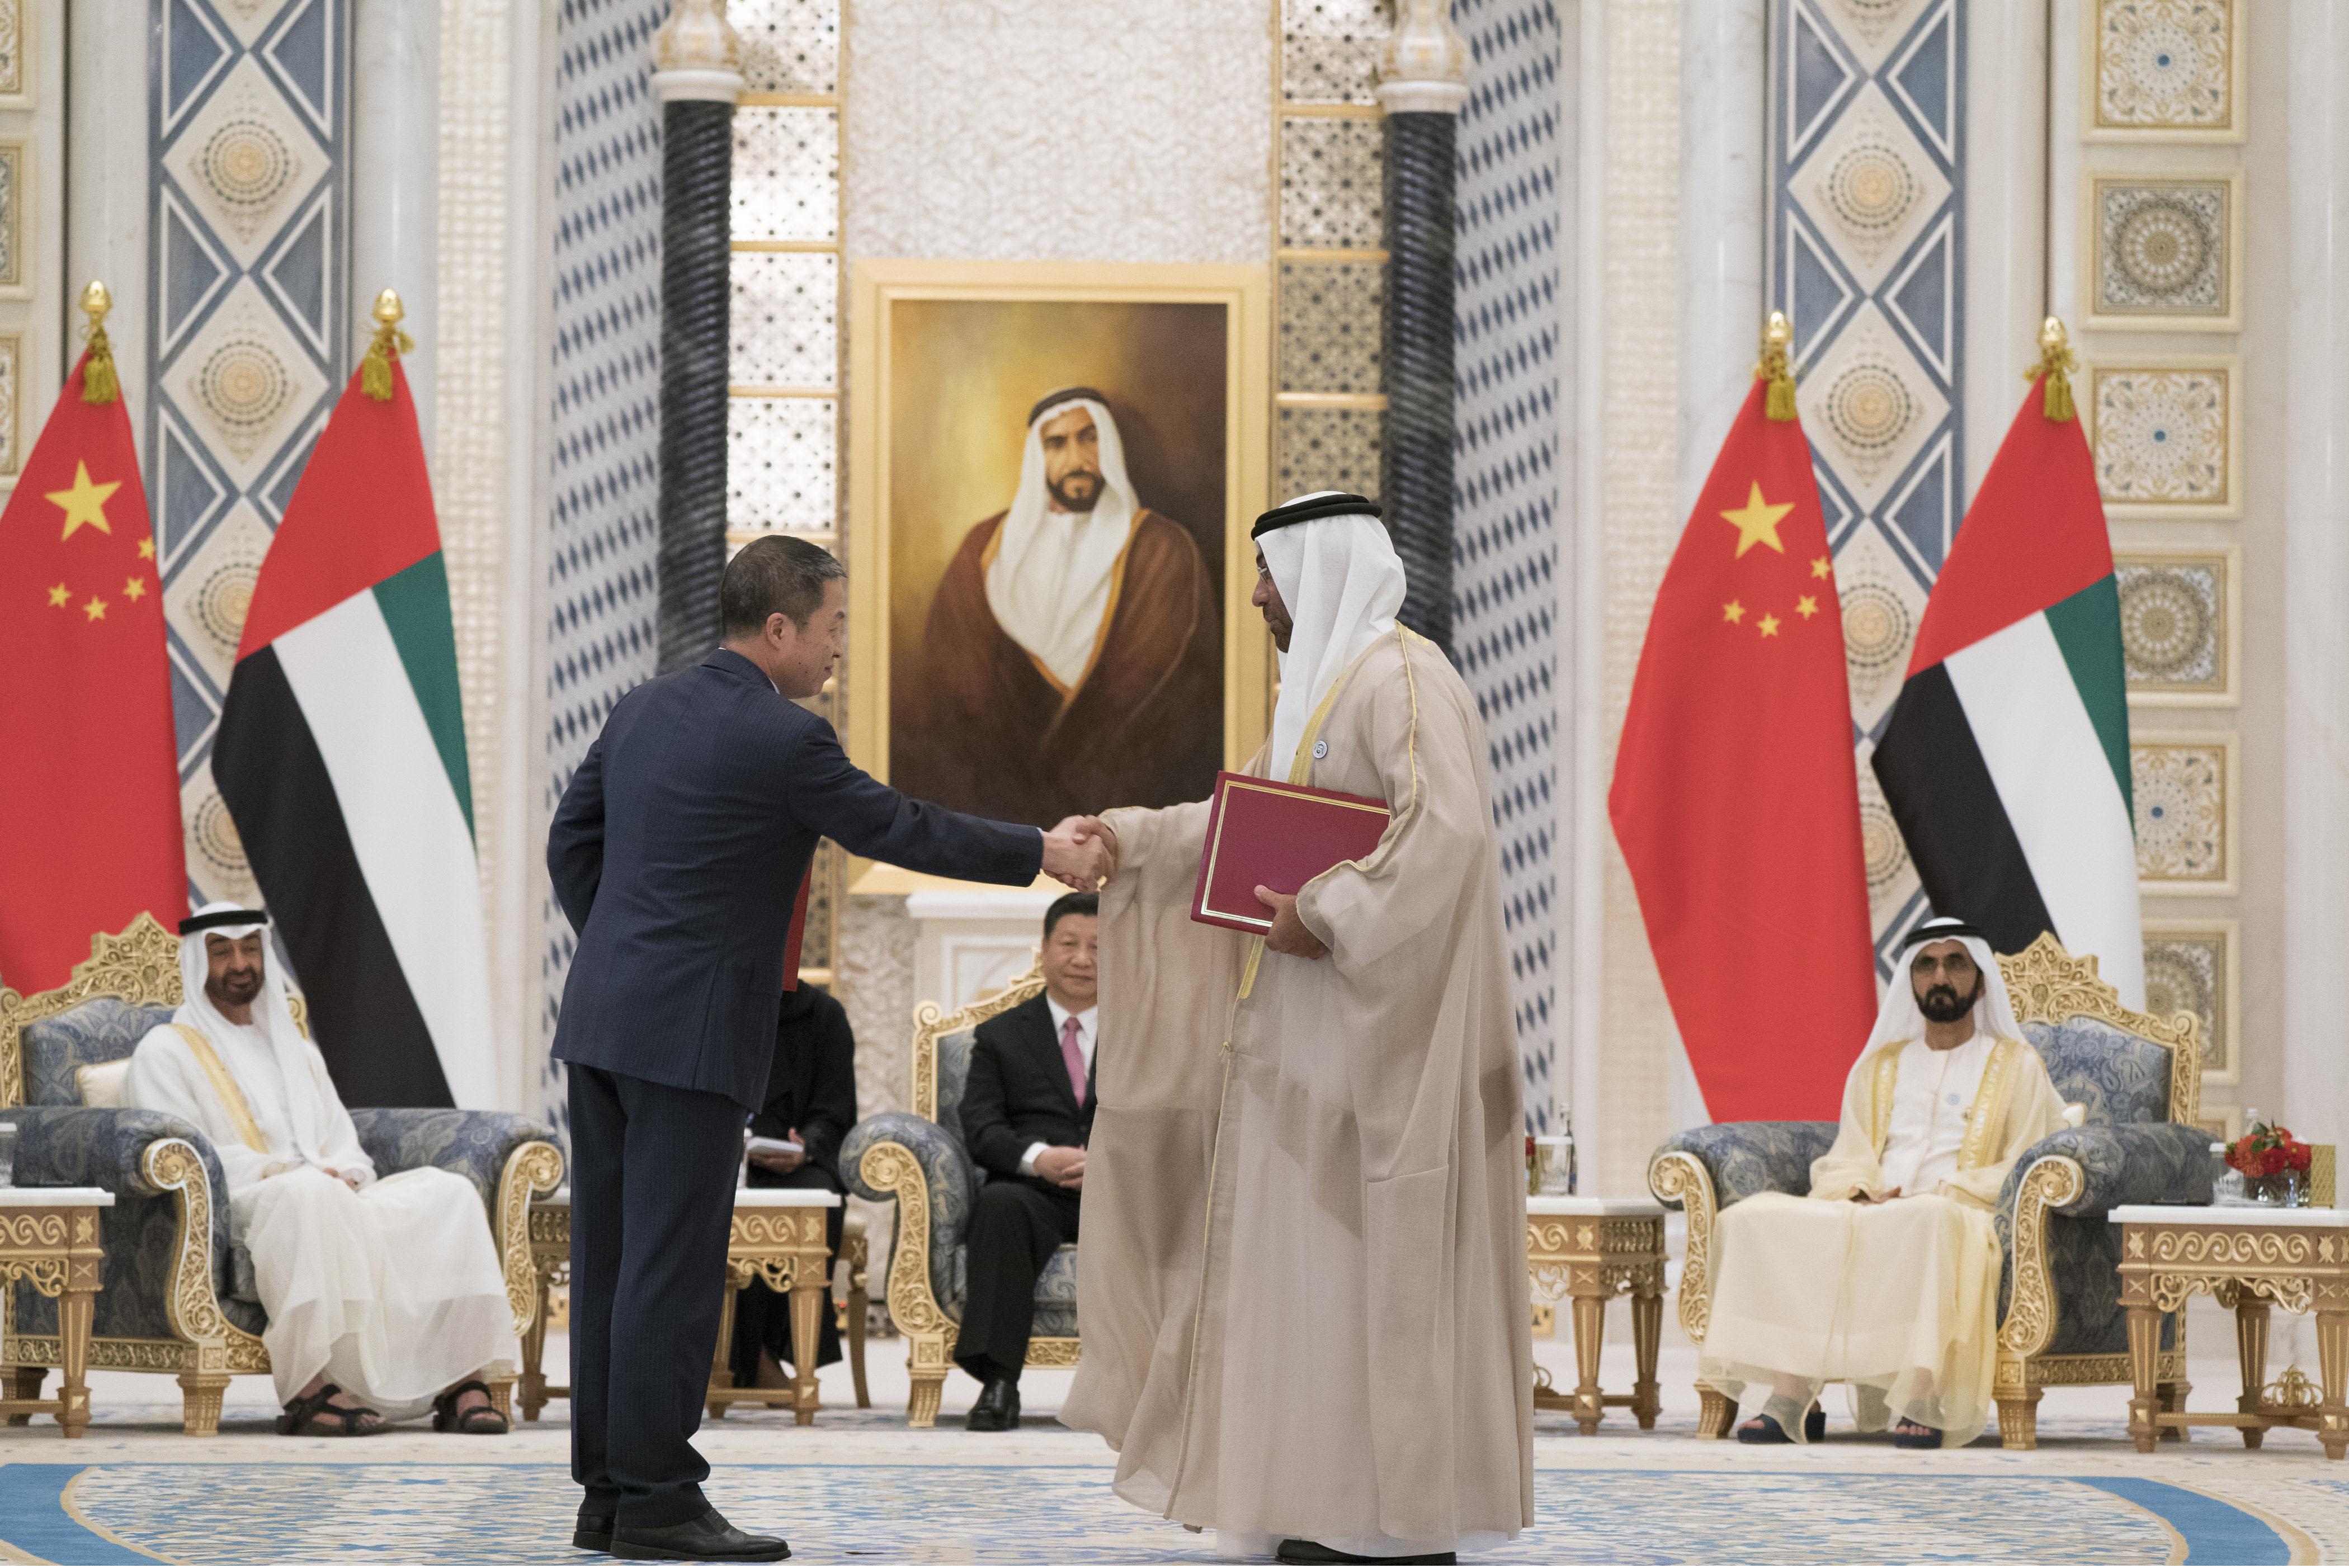 محمد بن راشد ومحمد بن زايد والرئيس الصيني يشهدون مراسم تبادل 13 اتفاقية ومذكرة تفاهم موقعة بين البلدين 9